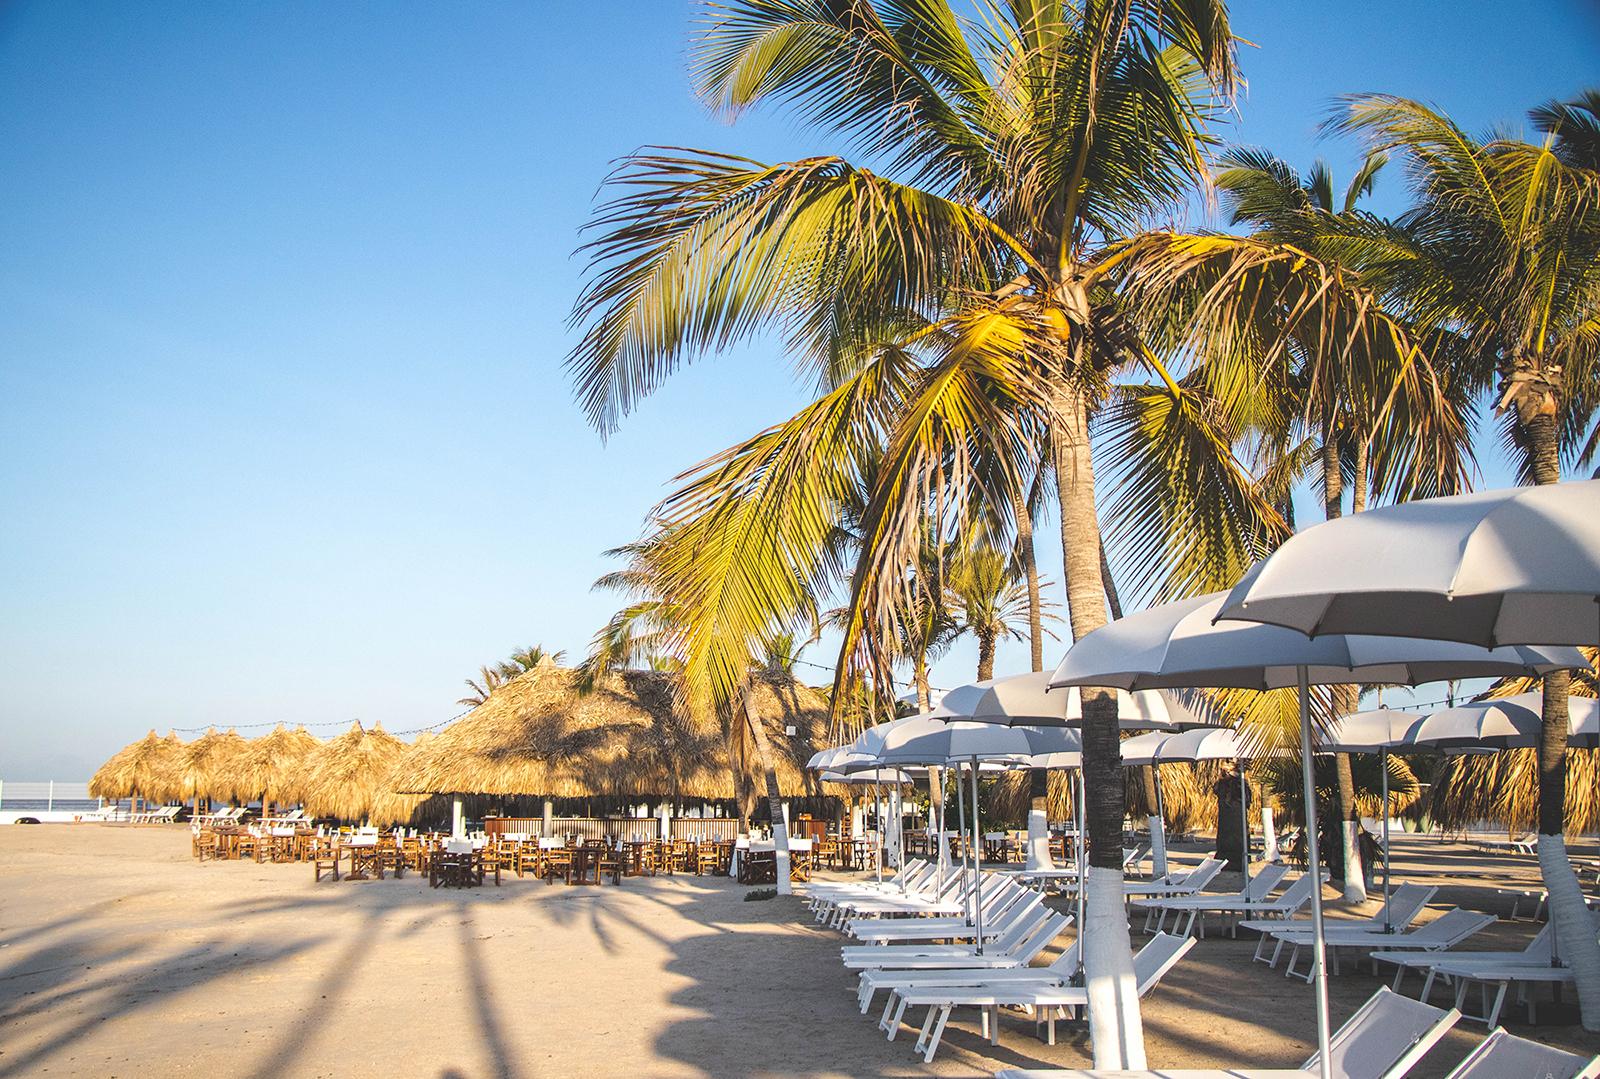 Op vakantie naar Curaçao - Vakantie naar Curacao